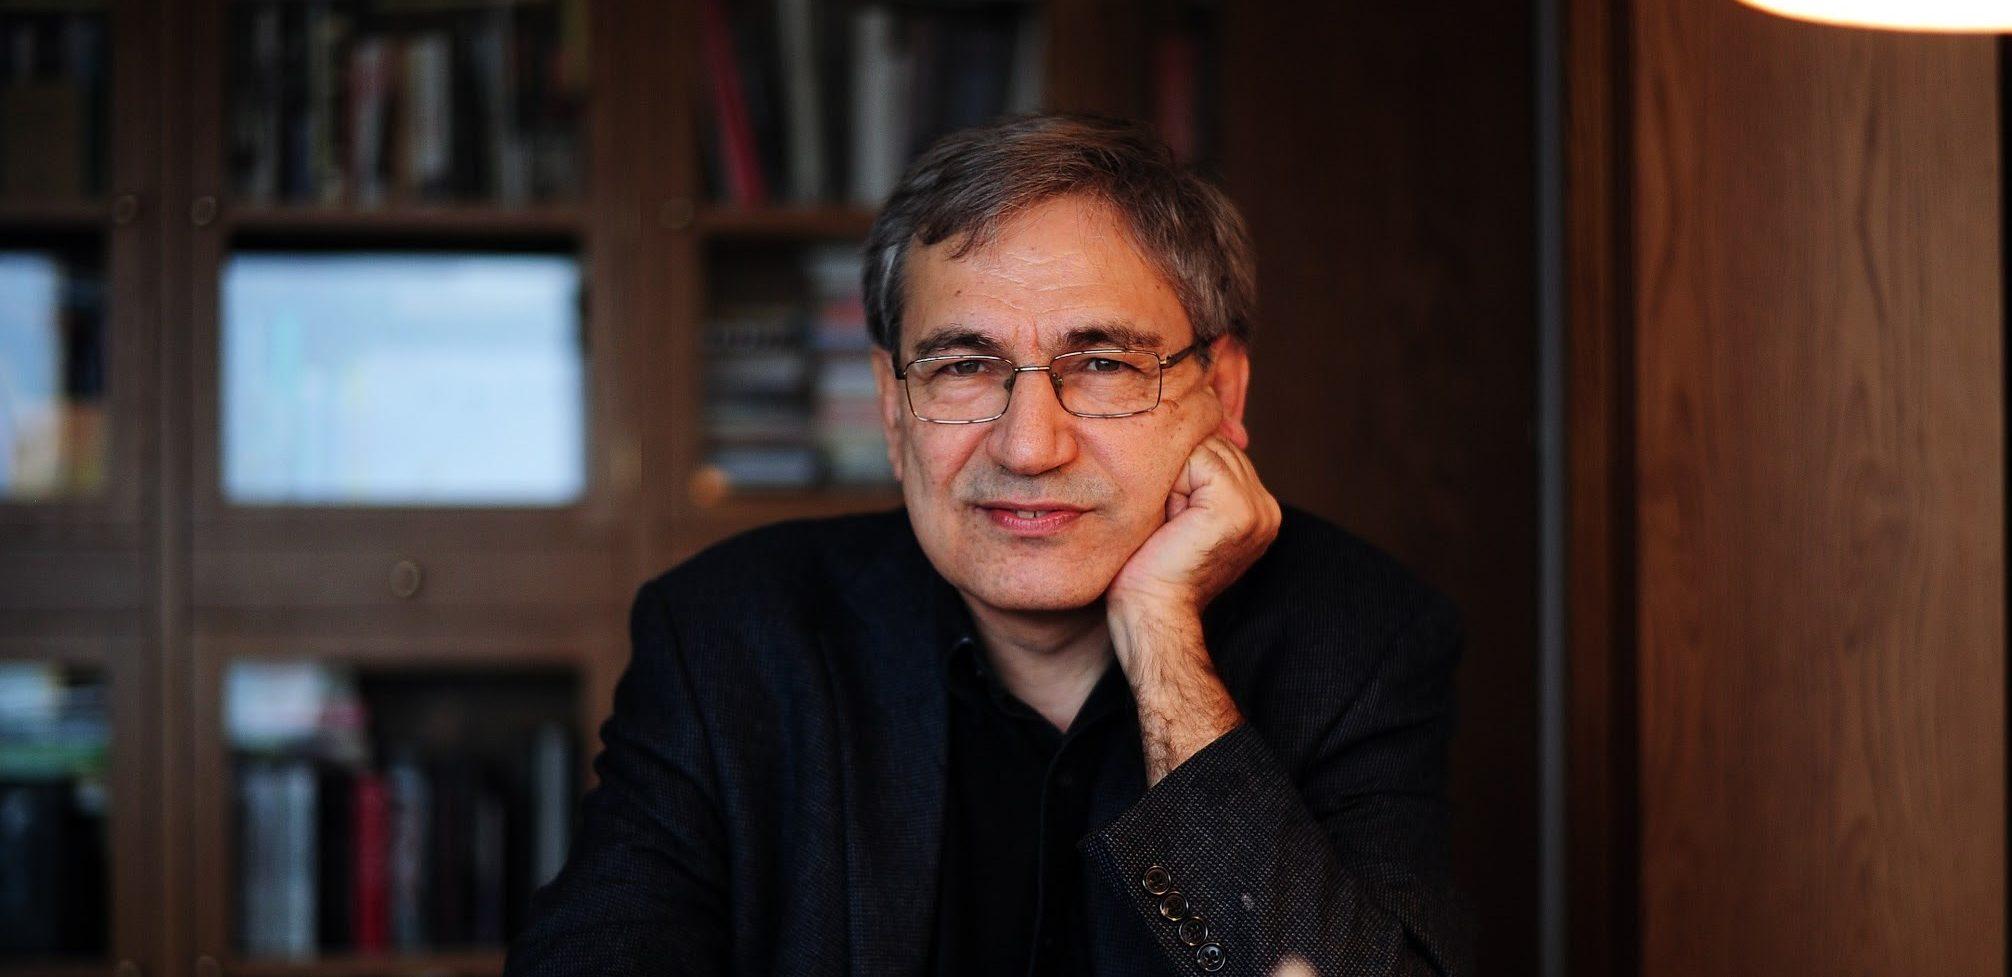 اورهان پاموک Orhan Pamuk نویسندهی استانبولی متولد ۱۹۵۲ است که در سال ۲۰۰۶ جایزهی نوبل ادبیات را دریافت کرده است. زنی با موهای قرمز The Red-Haired Woman که سال قبل در ایران منتشر شد کتابی متفاوت از این نویسنده است که ما به آن میپردازیم.